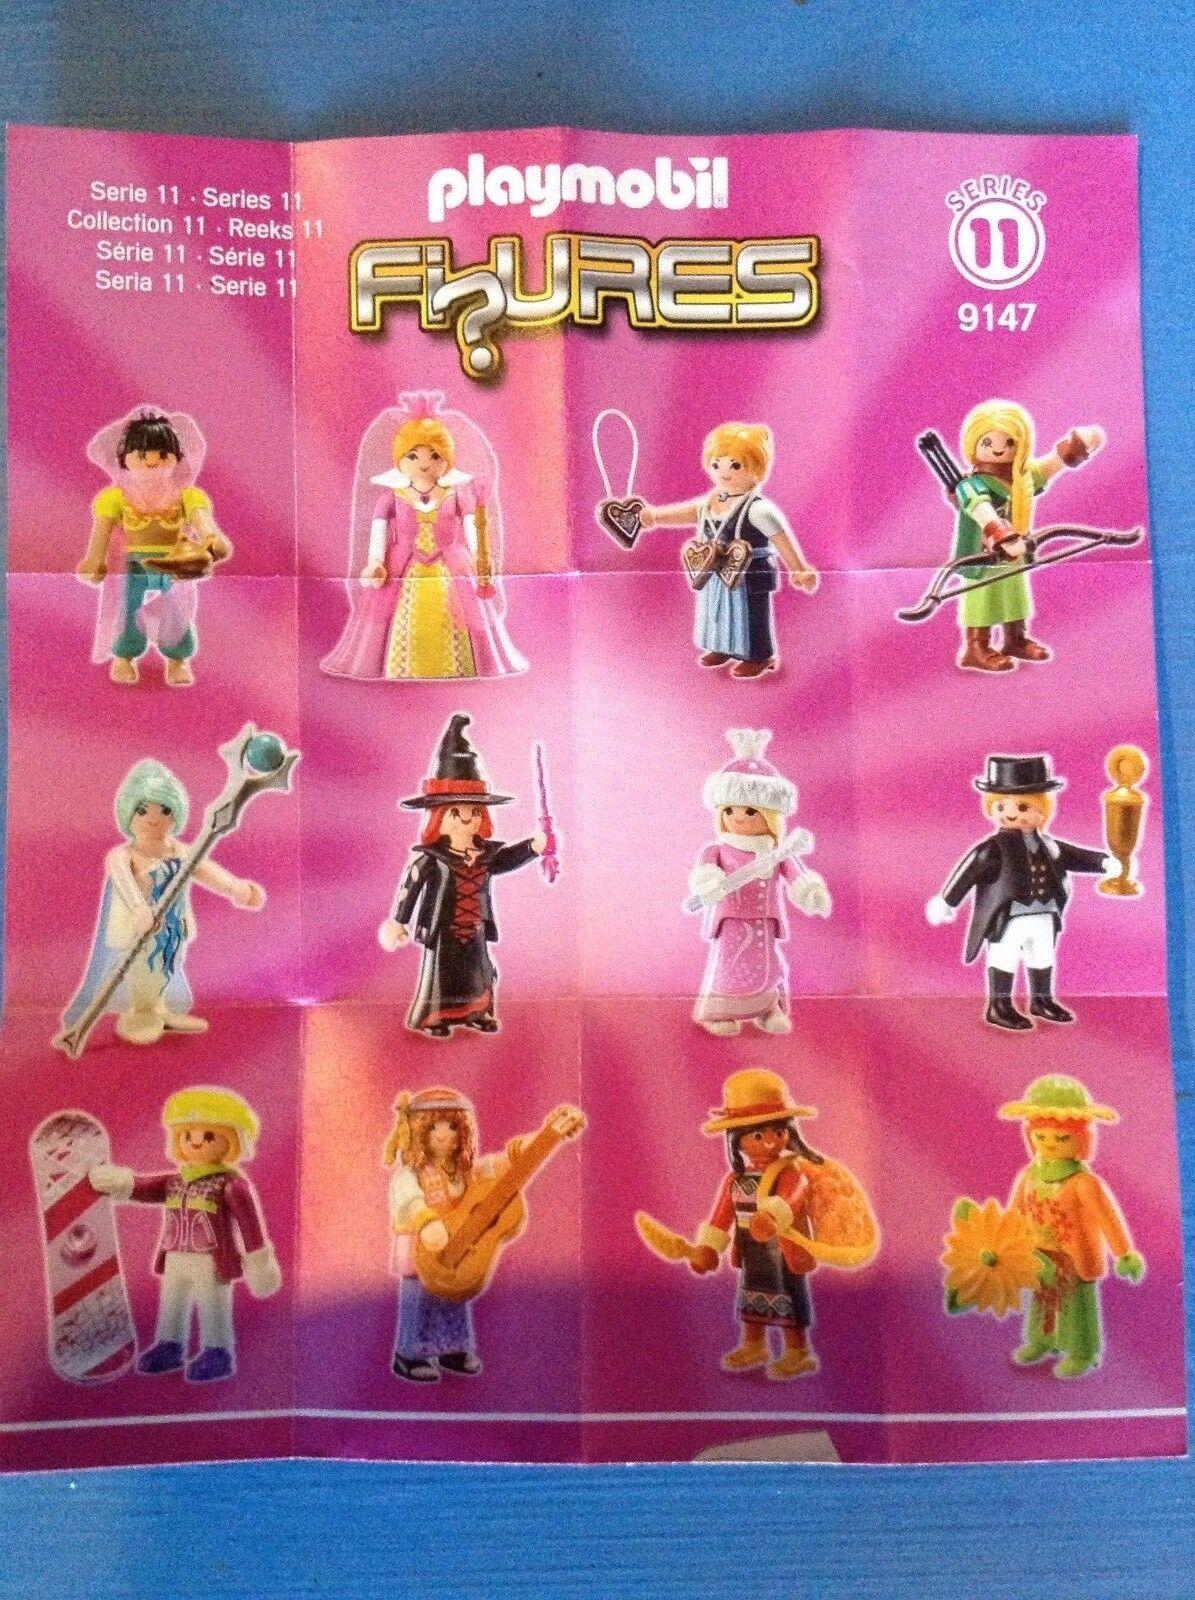 (N9147) playmobil série 11 fille complète 12 figurines ref 9147 neuve